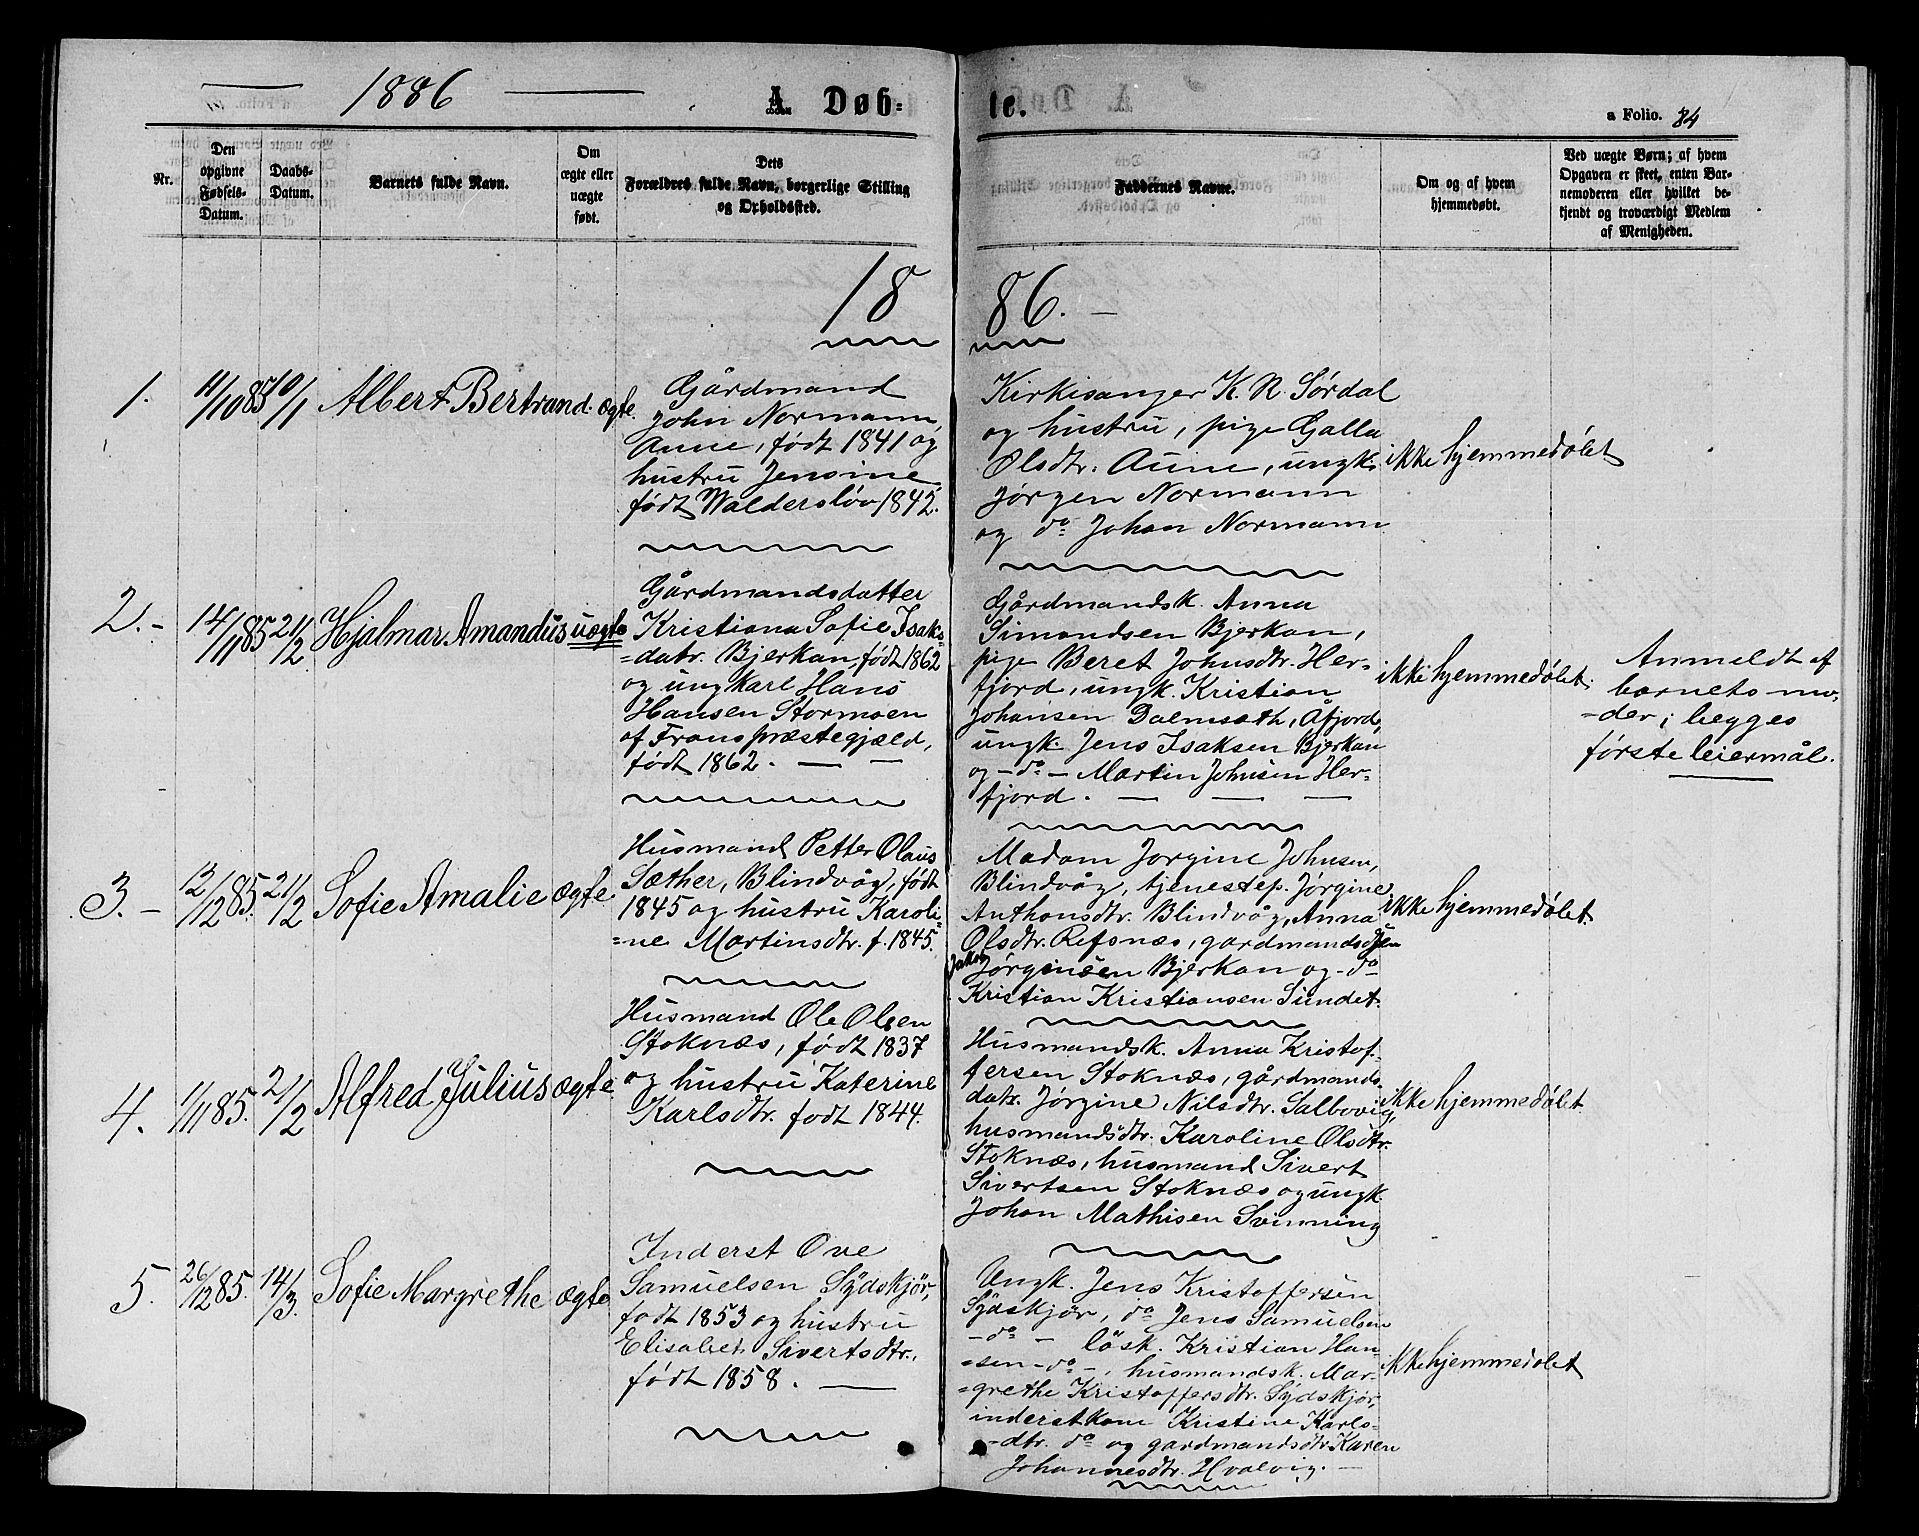 SAT, Ministerialprotokoller, klokkerbøker og fødselsregistre - Sør-Trøndelag, 656/L0695: Klokkerbok nr. 656C01, 1867-1889, s. 84